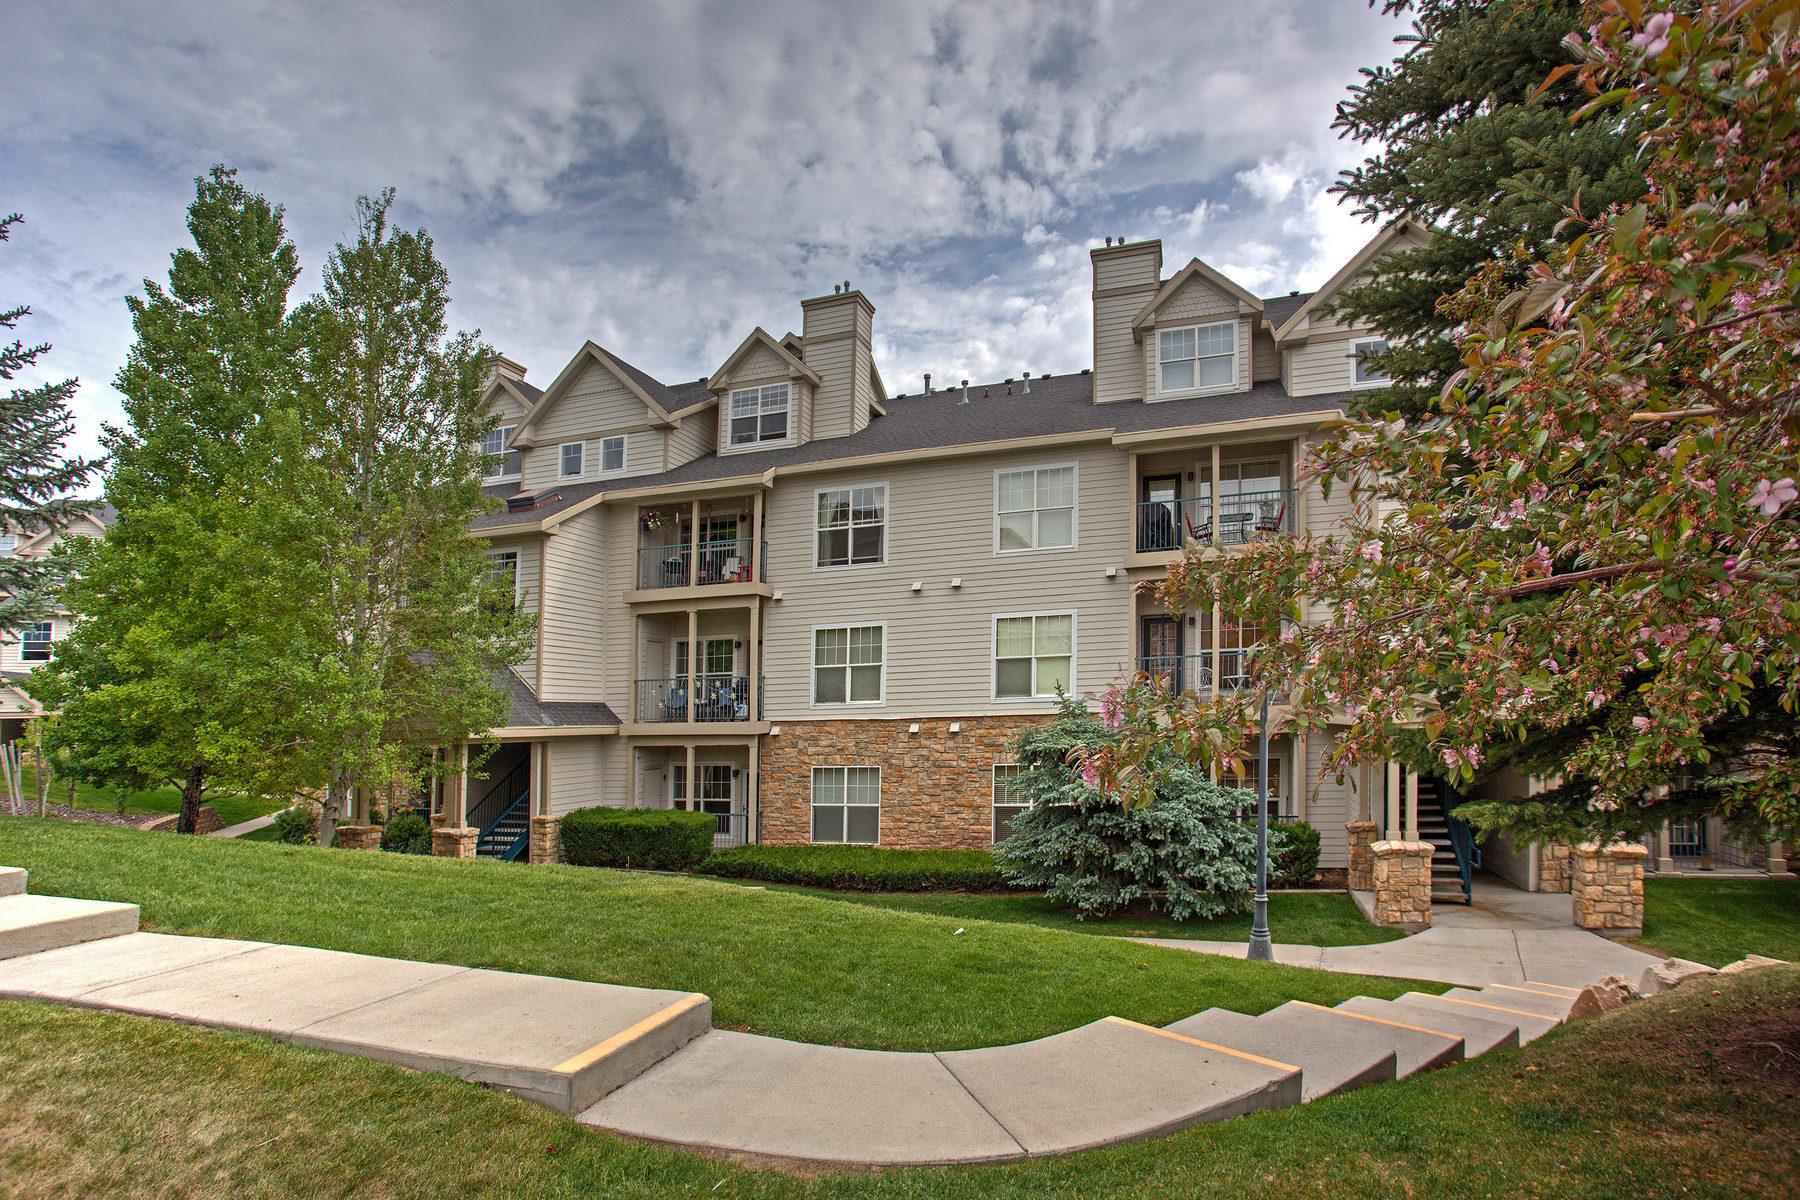 共管物業 為 出售 在 Main Level One Bedroom Canyon Creek 900 Bitner Rd #F15 Park City, 猶他州, 84098 美國